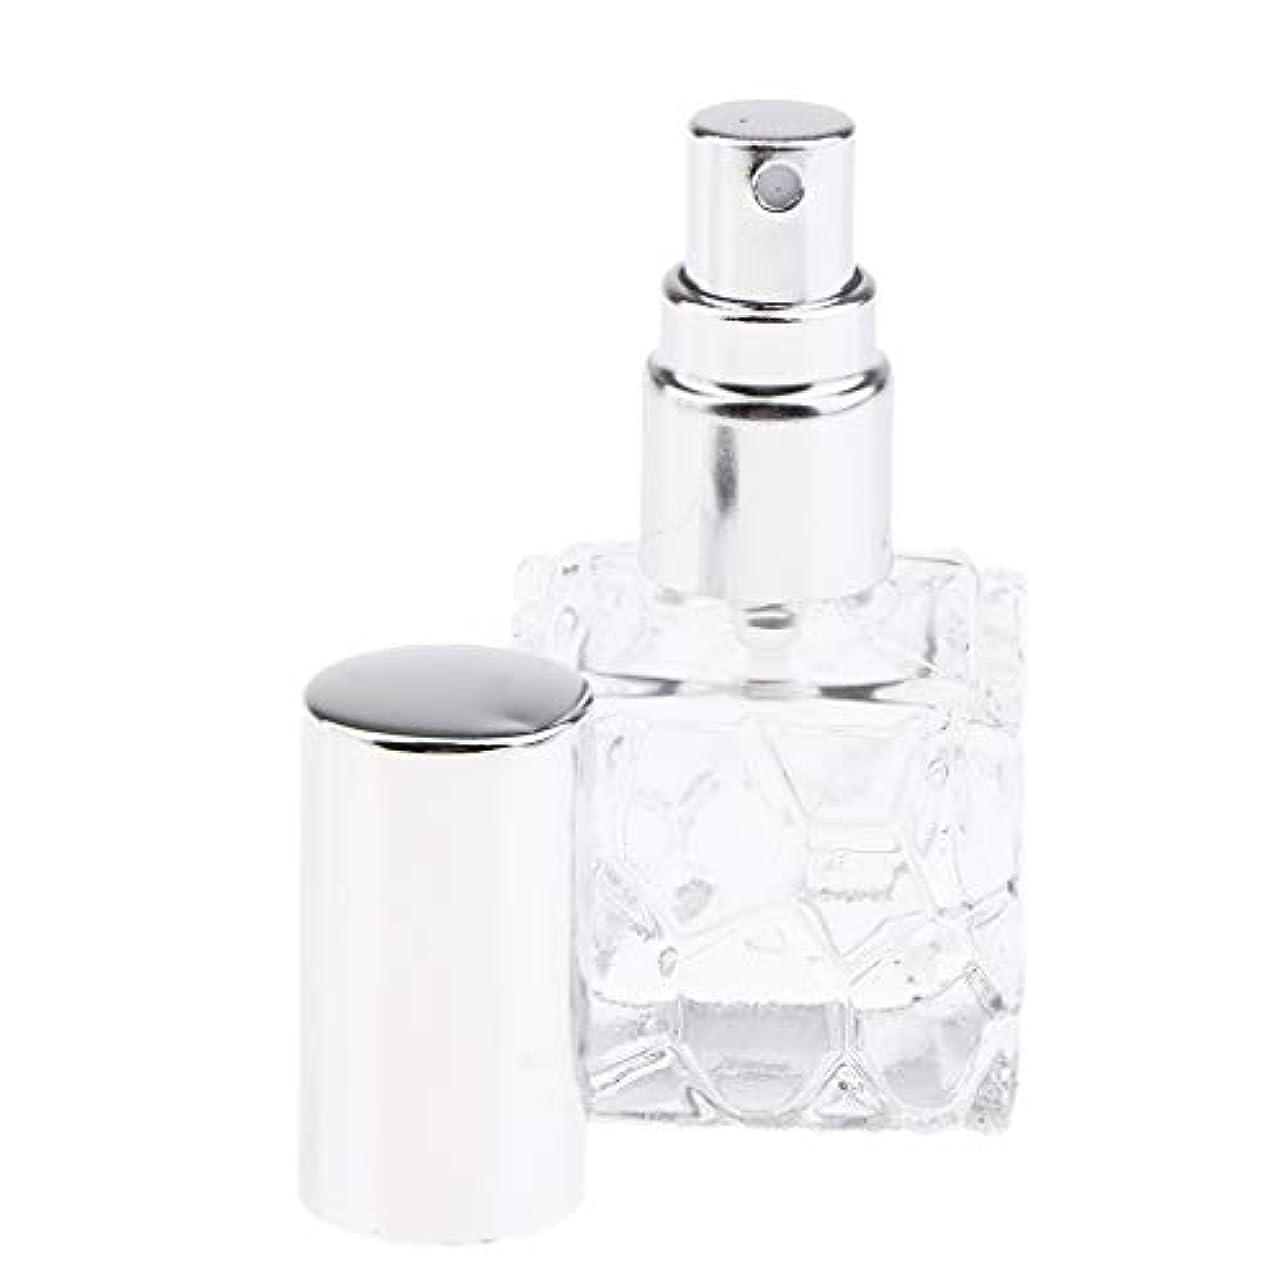 領収書求める宣教師スプレーボトル ガラス 詰め替え式 ファインミストスプレー アロマ保存 香水 保存 2種選択でき - 10ml 3個